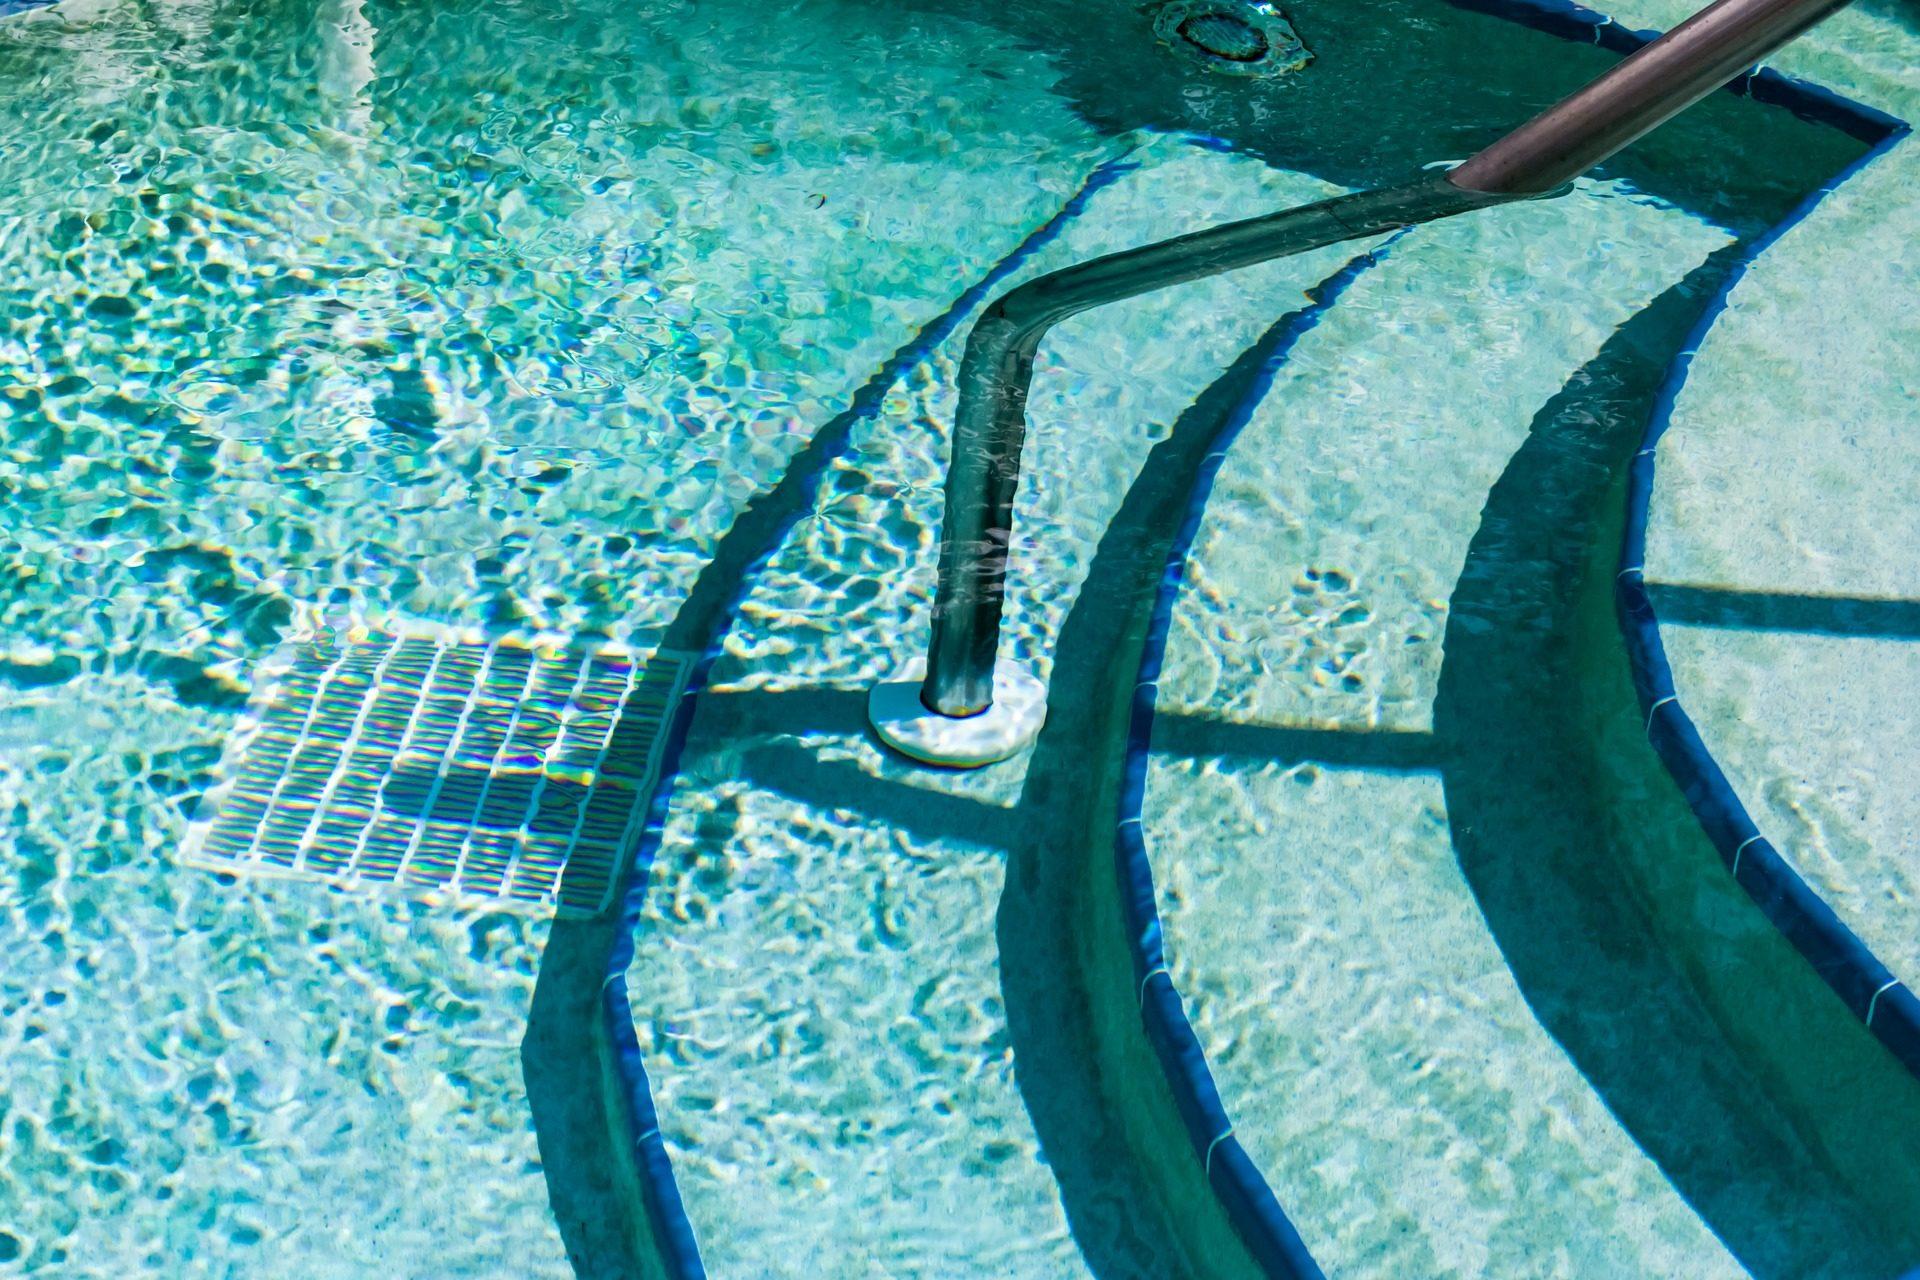 das Bild zeigt eine Pool Treppe Freiform mit Handlauf in der Mitte